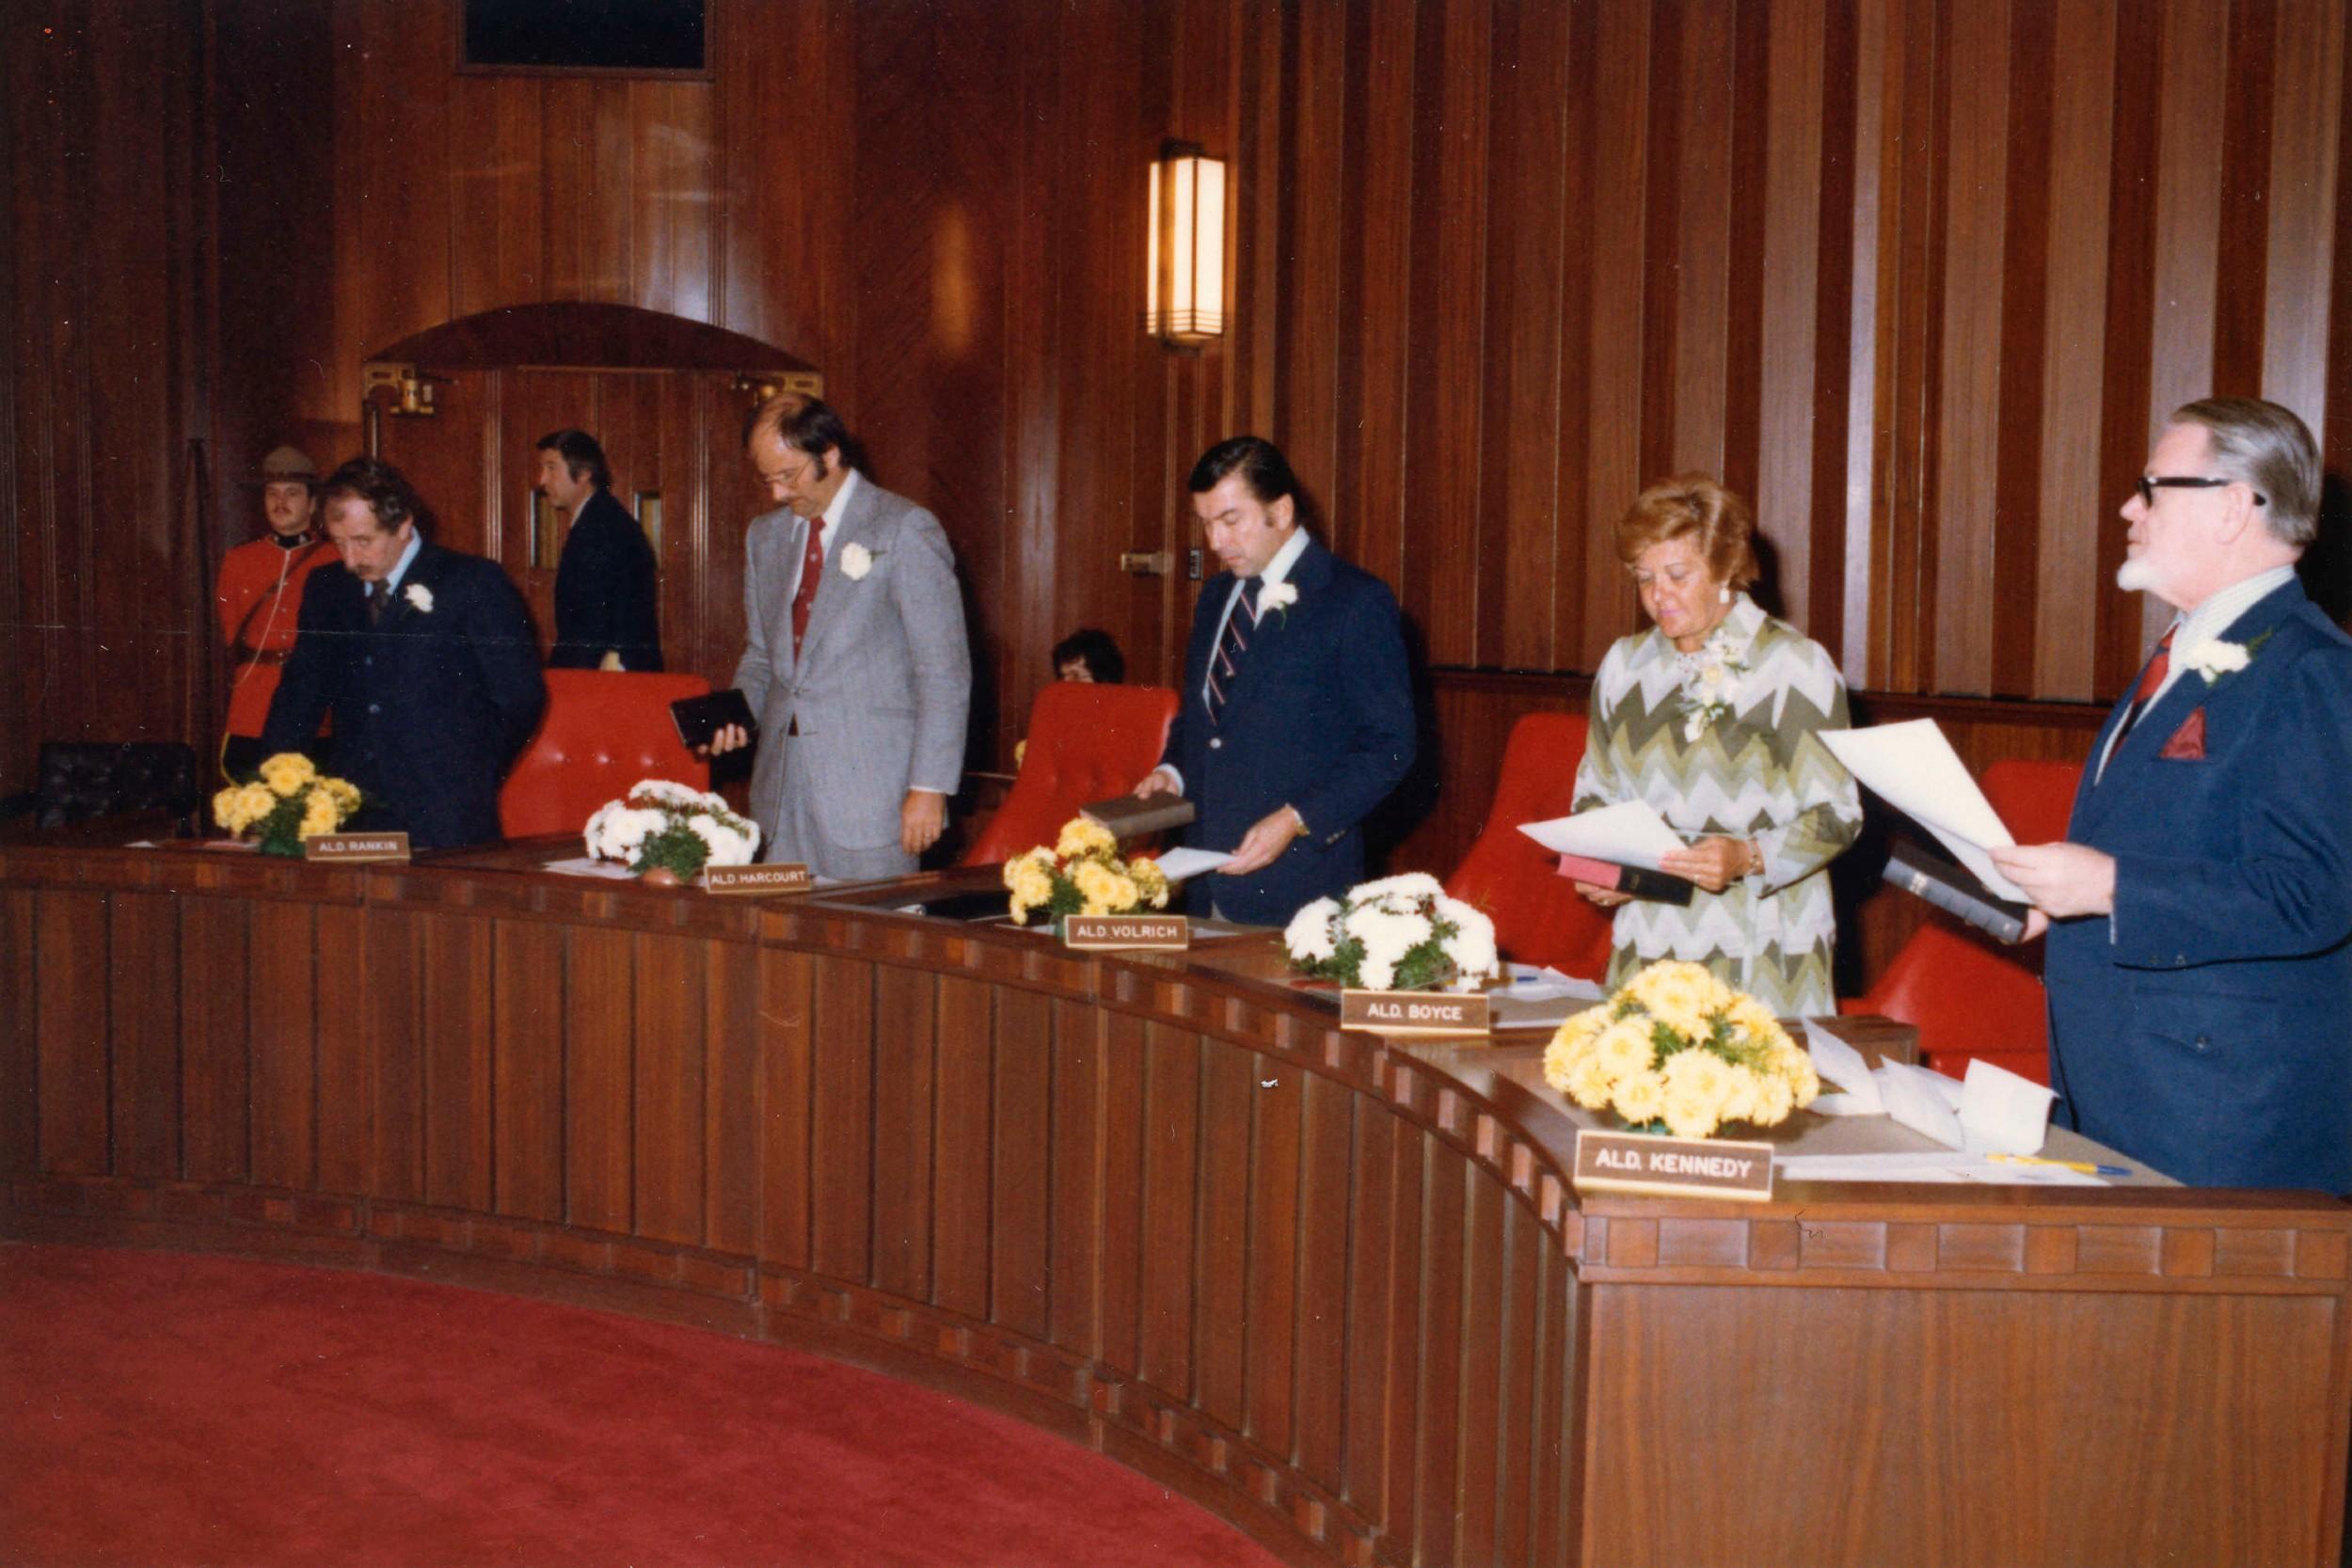 Алдермани у ванкуверском градском савету: Хари Ранкин, Мајкл Харкорт, Џек Ворлич (у средини), Хелен Бојсе и Ворнет Кенеди на инаугурацији градоначелника Арта Филипса, 08. јануар 1975. (Фото: Vancouver (B.C.). Office of the City Clerk)